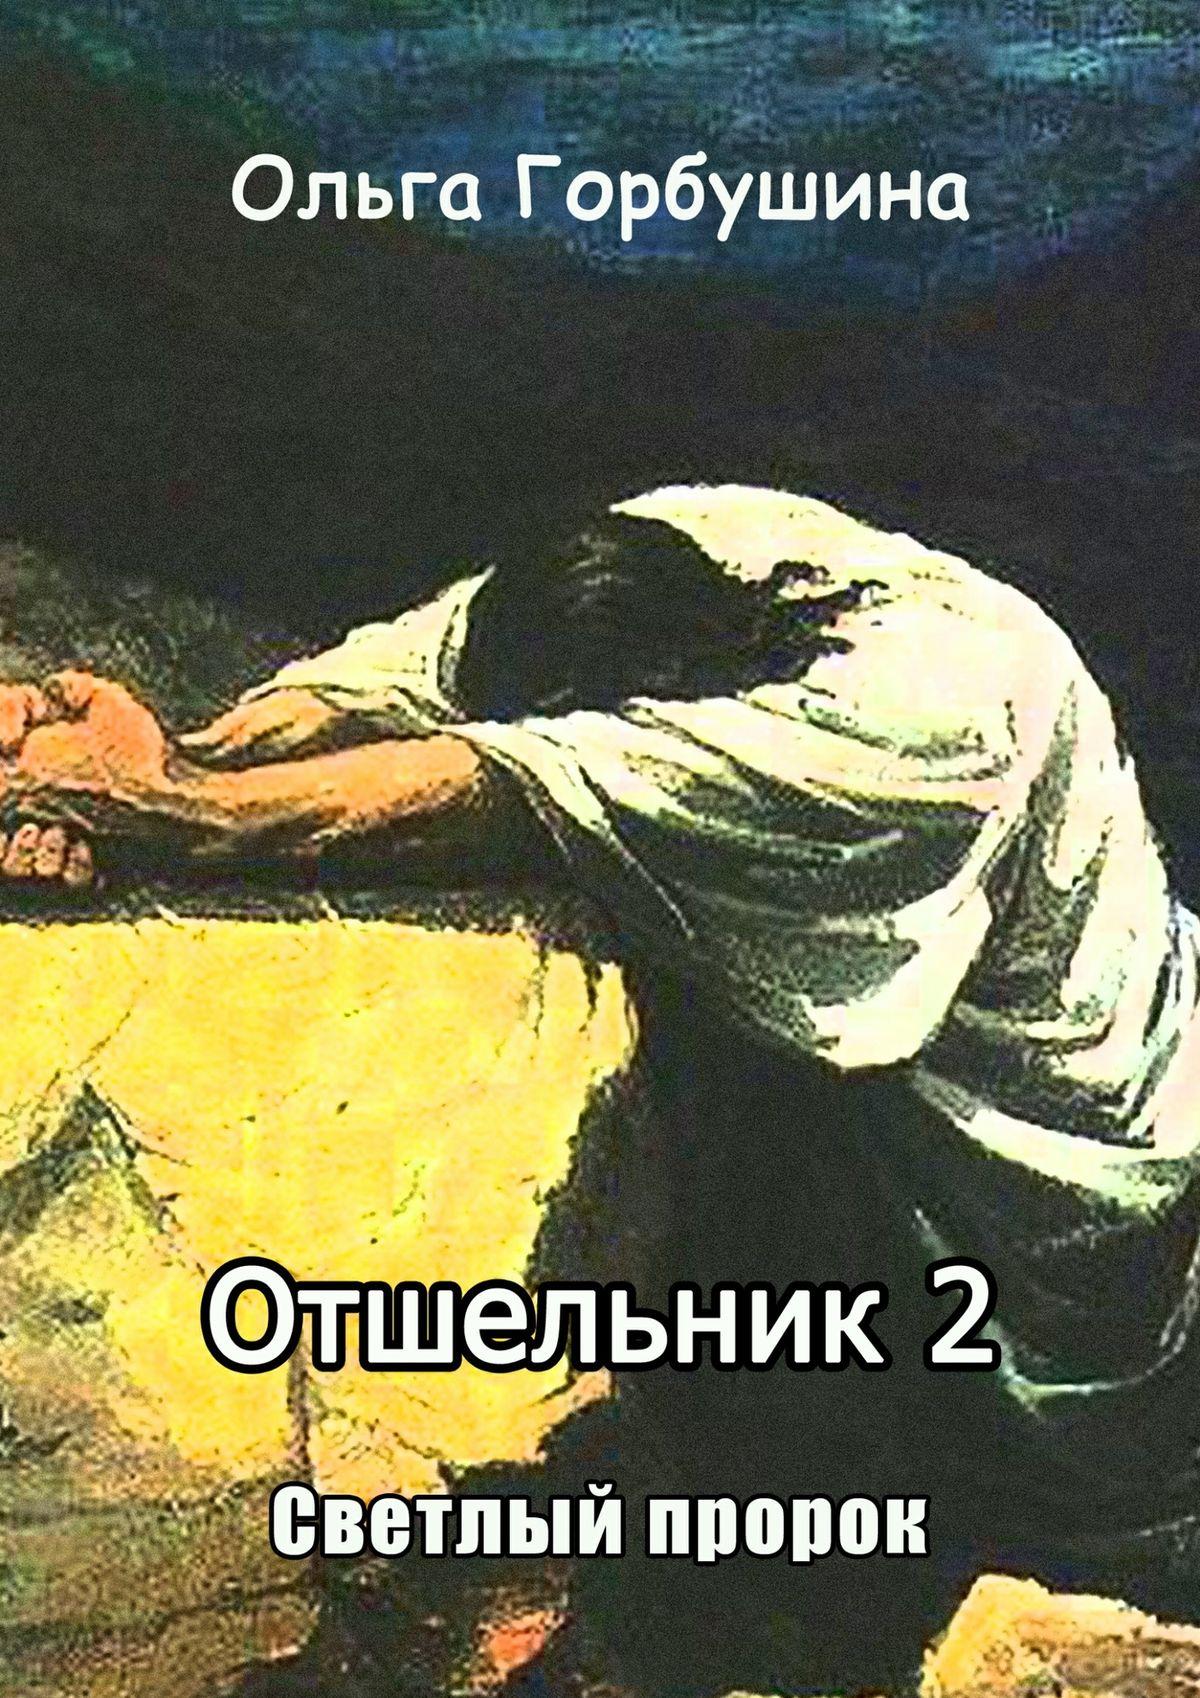 Ольга Горбушина Отшельник-2. Светлый пророк